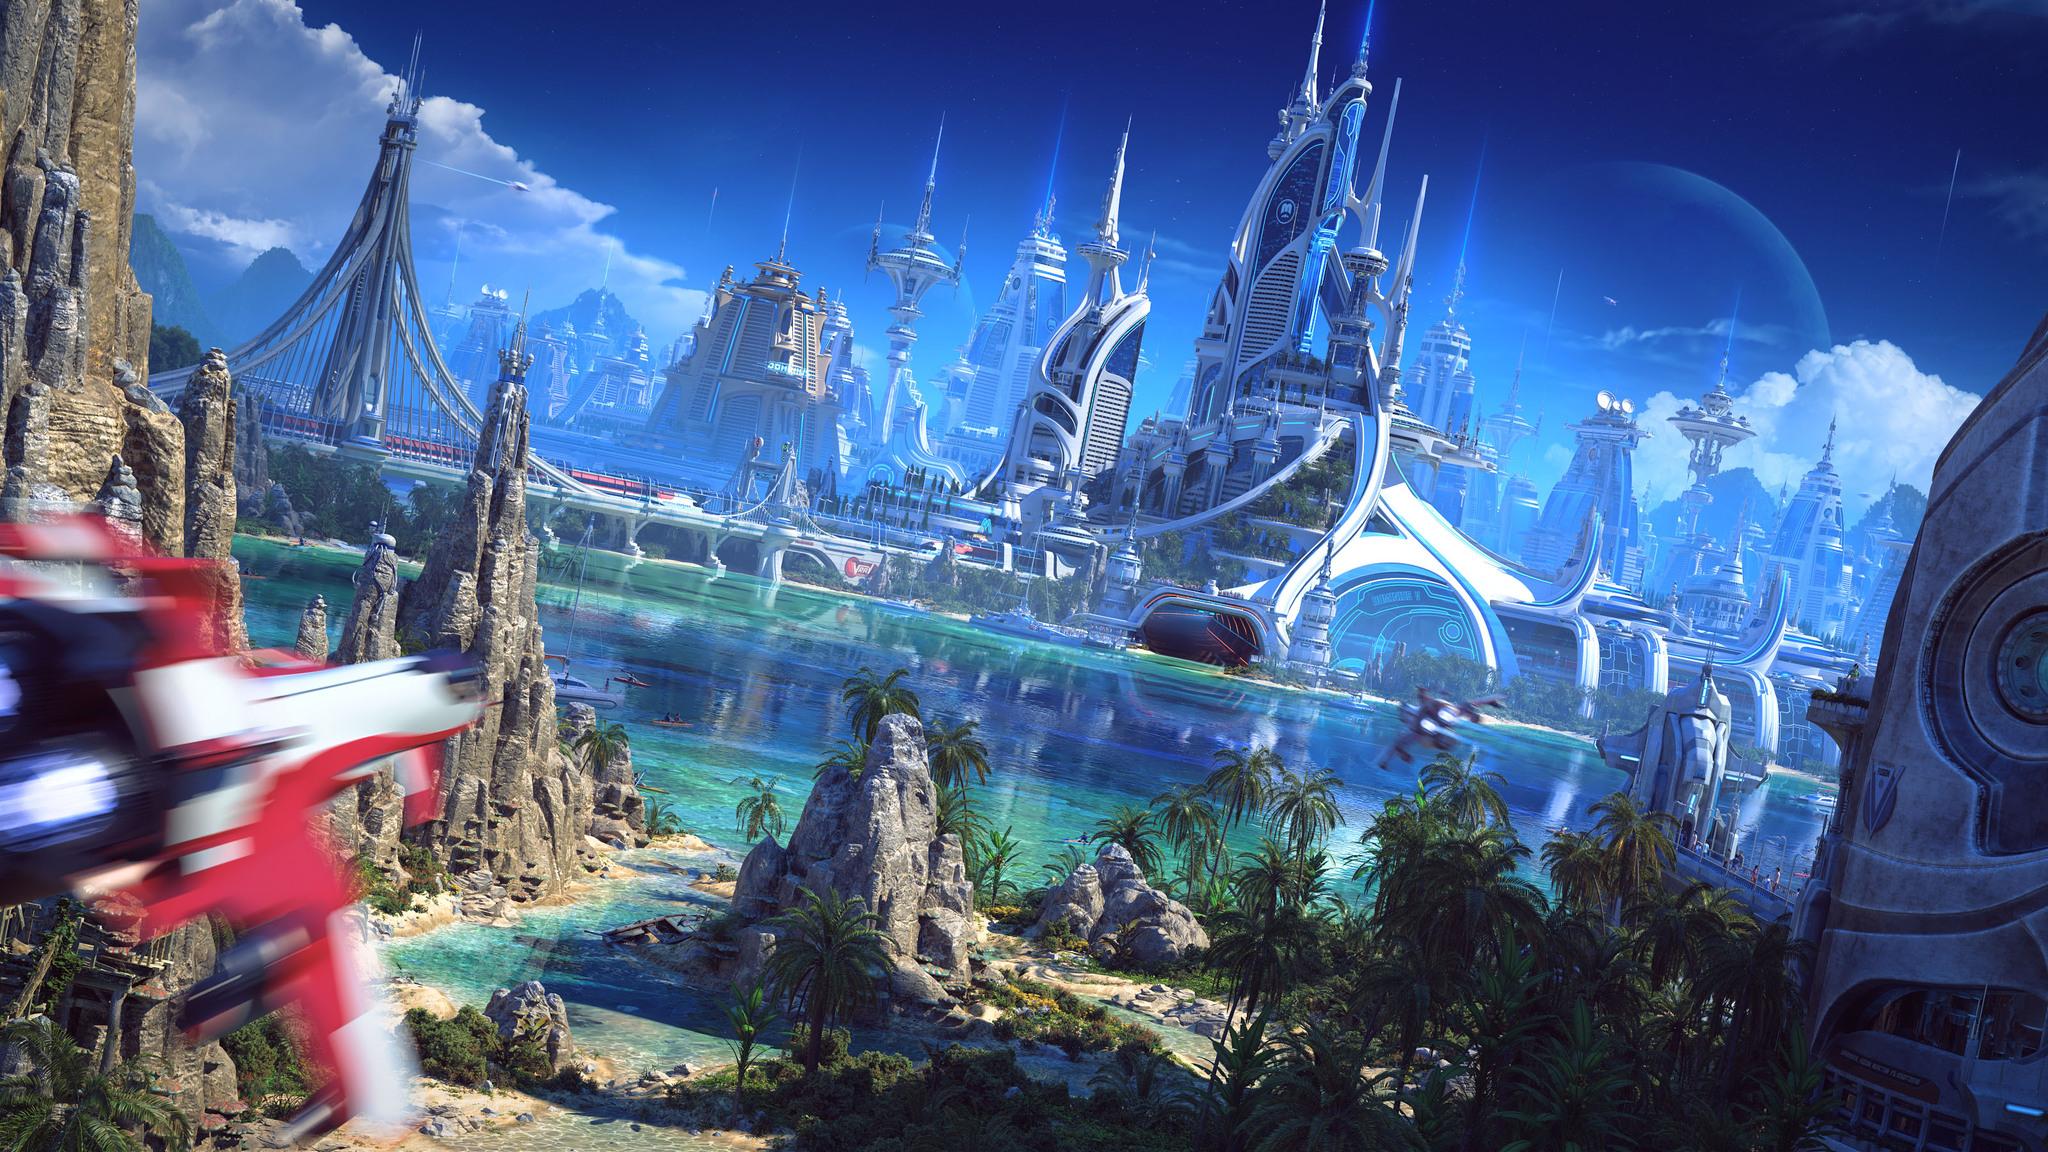 2048x1152 Futuristic World 2048x1152 Resolution HD 4k